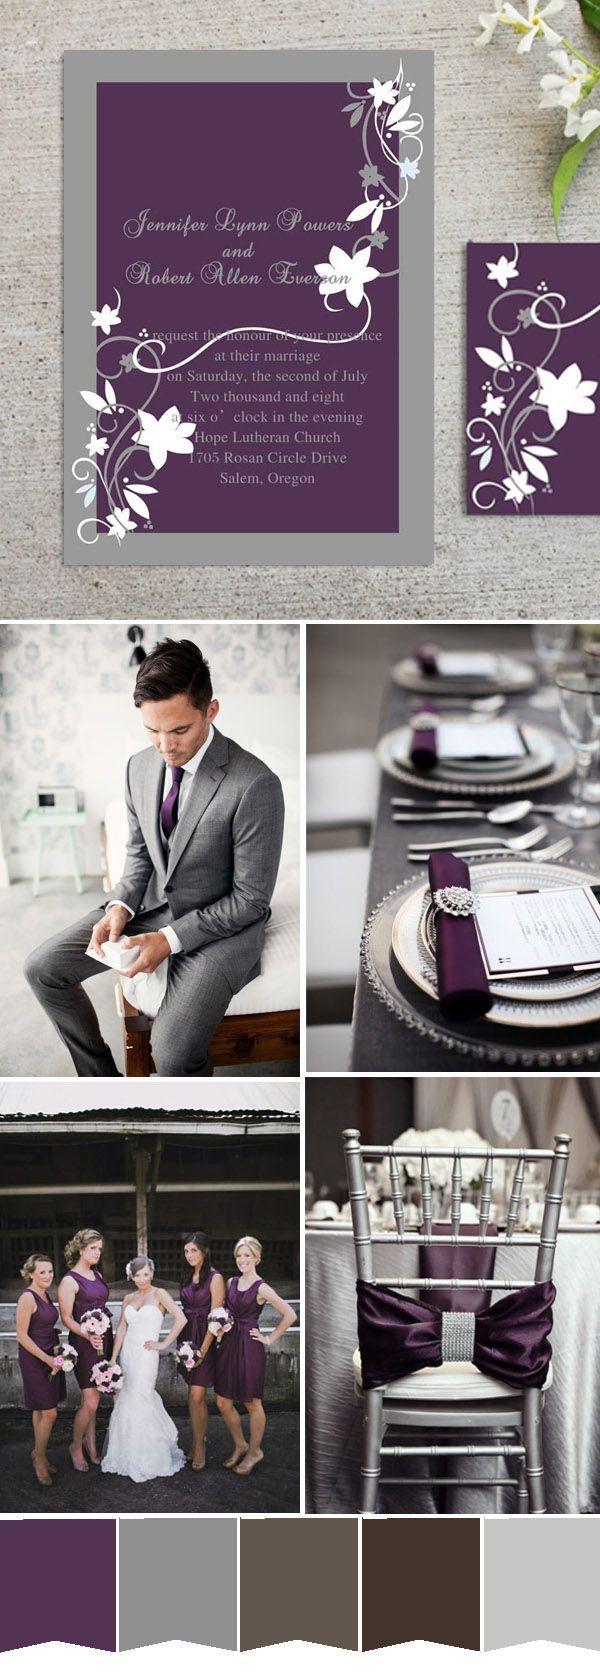 grey wedding themes best photos | wedding | Pinterest | Wedding ...